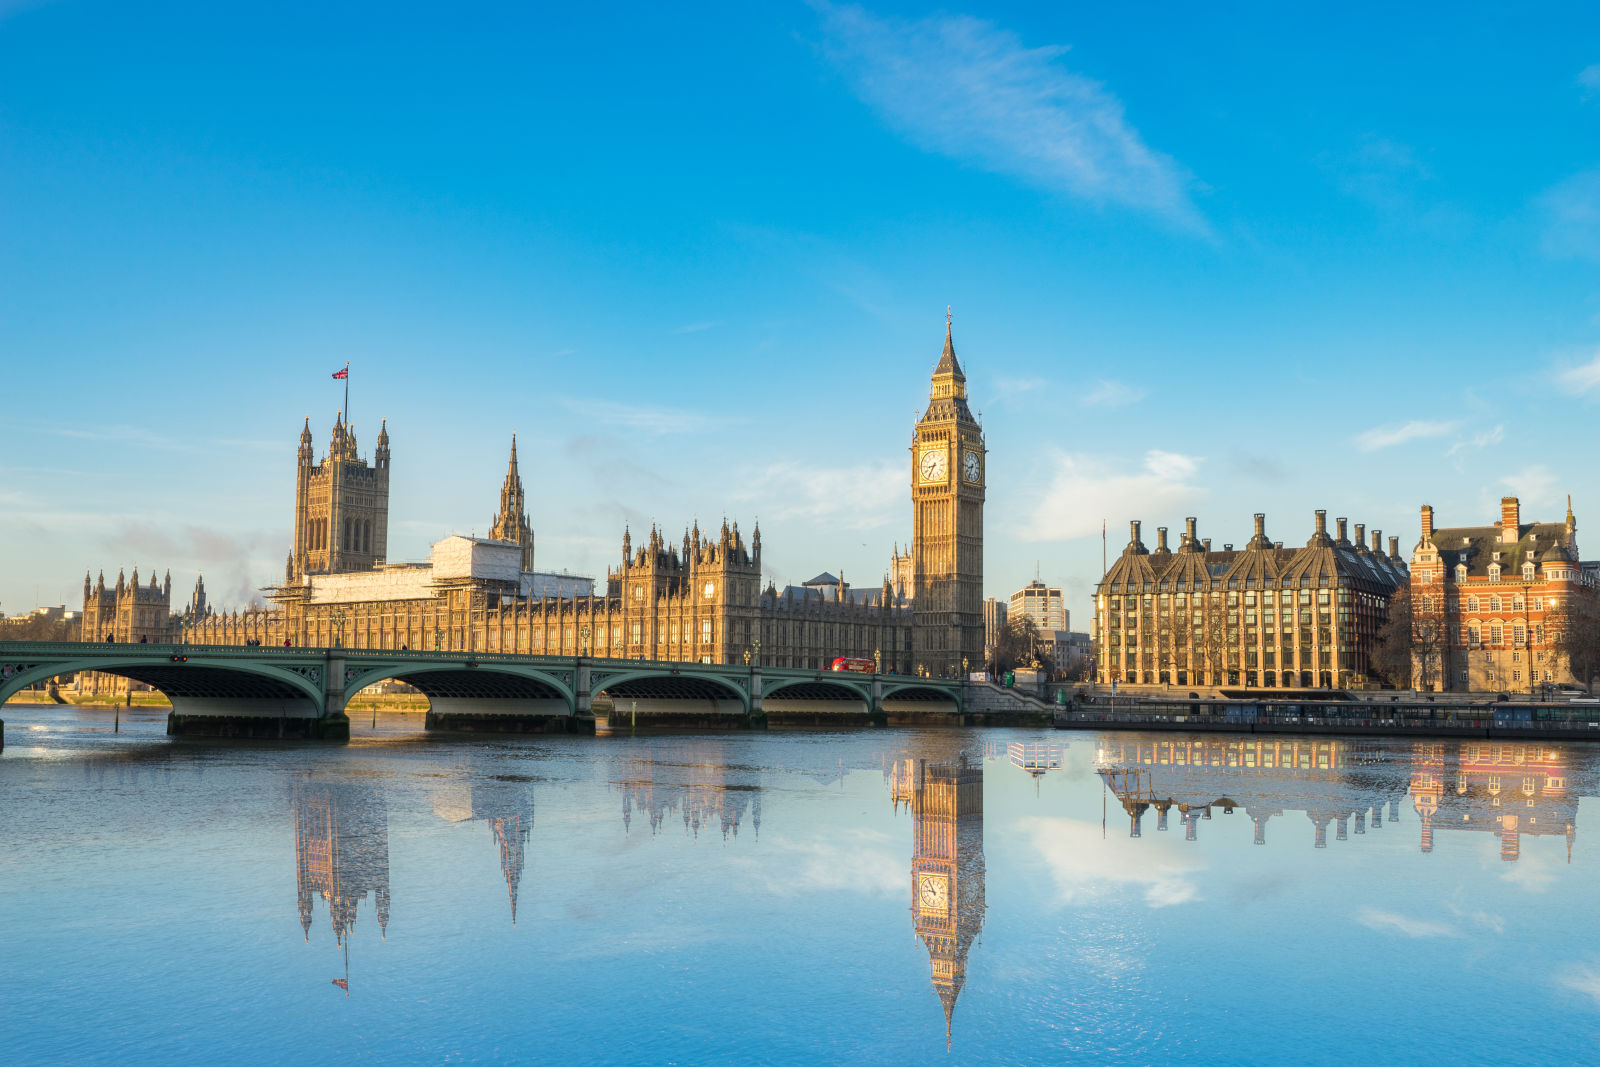 Blick auf den Big Ben, Houses of Parliament und die Themse